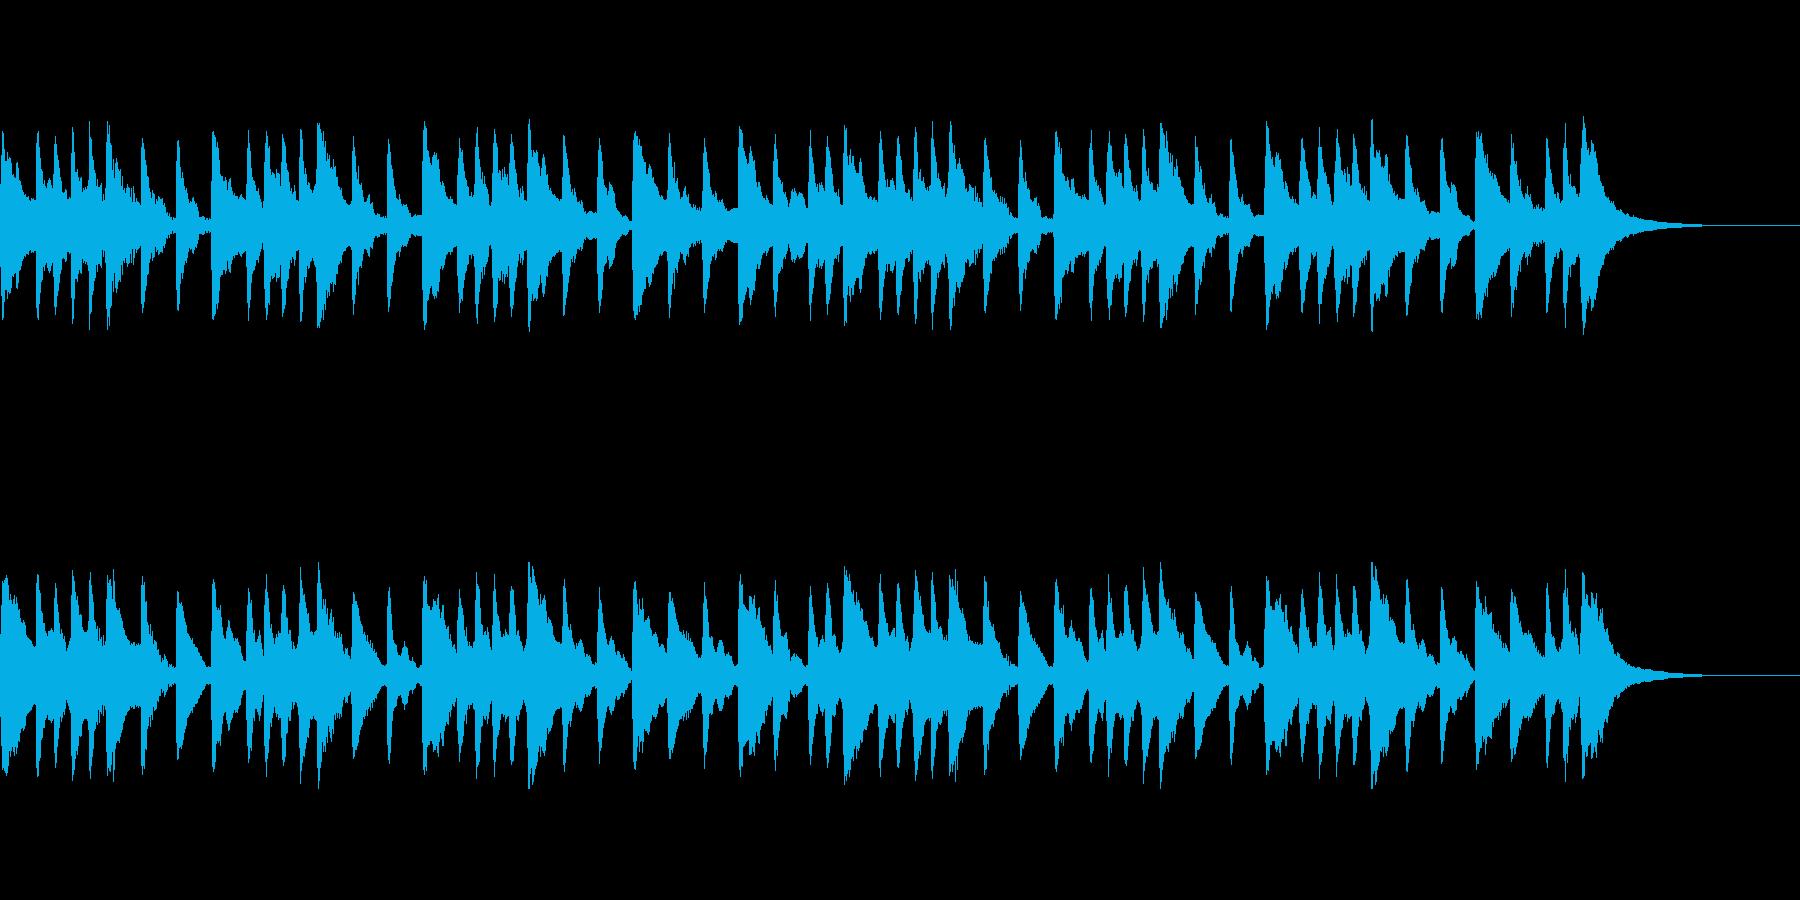 眠くなる 癒される 優しい オルゴールの再生済みの波形